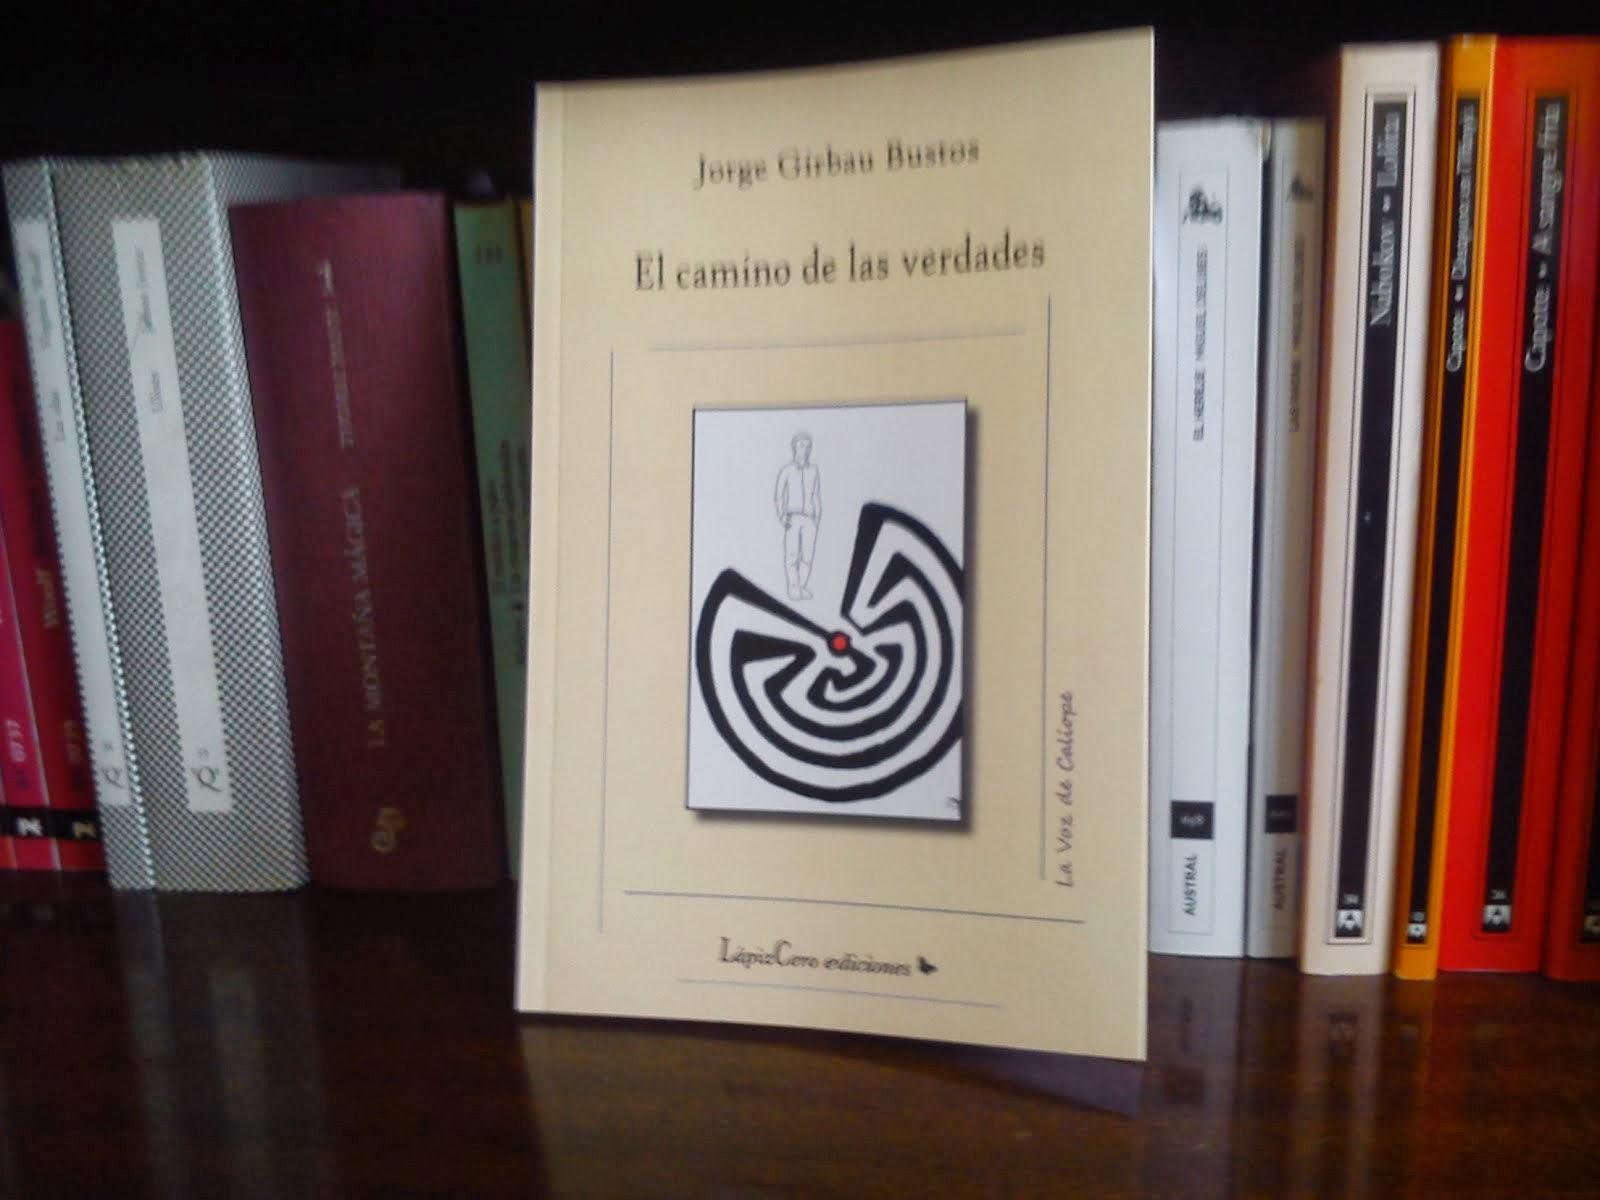 El camino de las verdades, en formato e-book